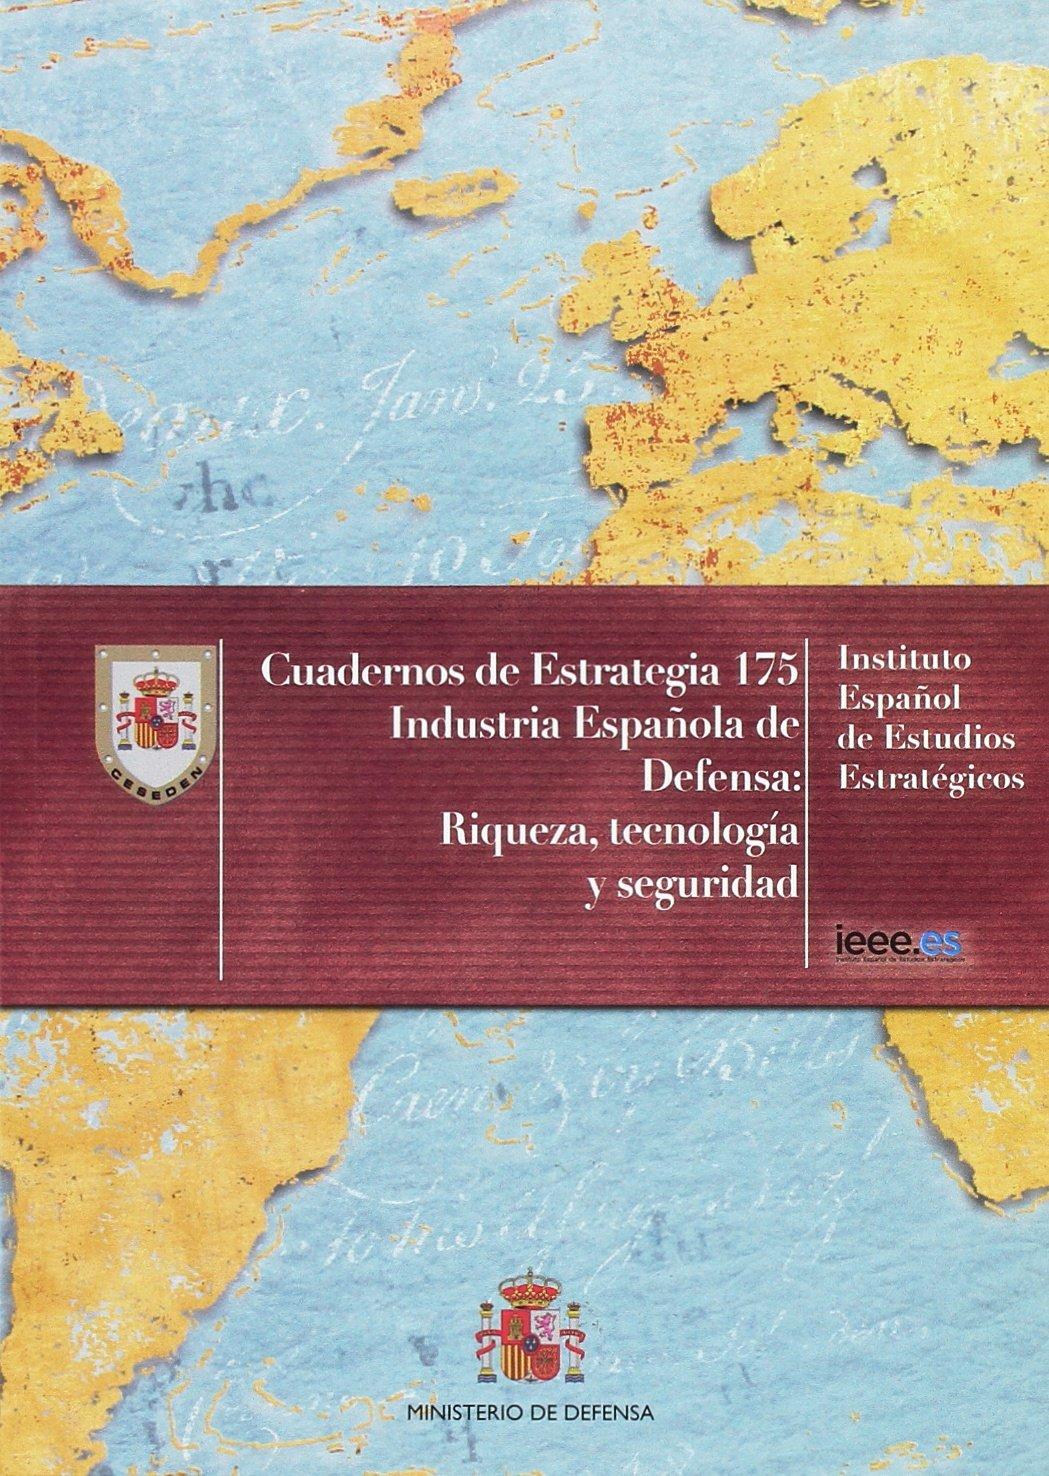 Industria española de defensa: riqueza, tecnología y seguridad Cuadernos de estrategia: Amazon.es: VARIOS AUTORES: Libros